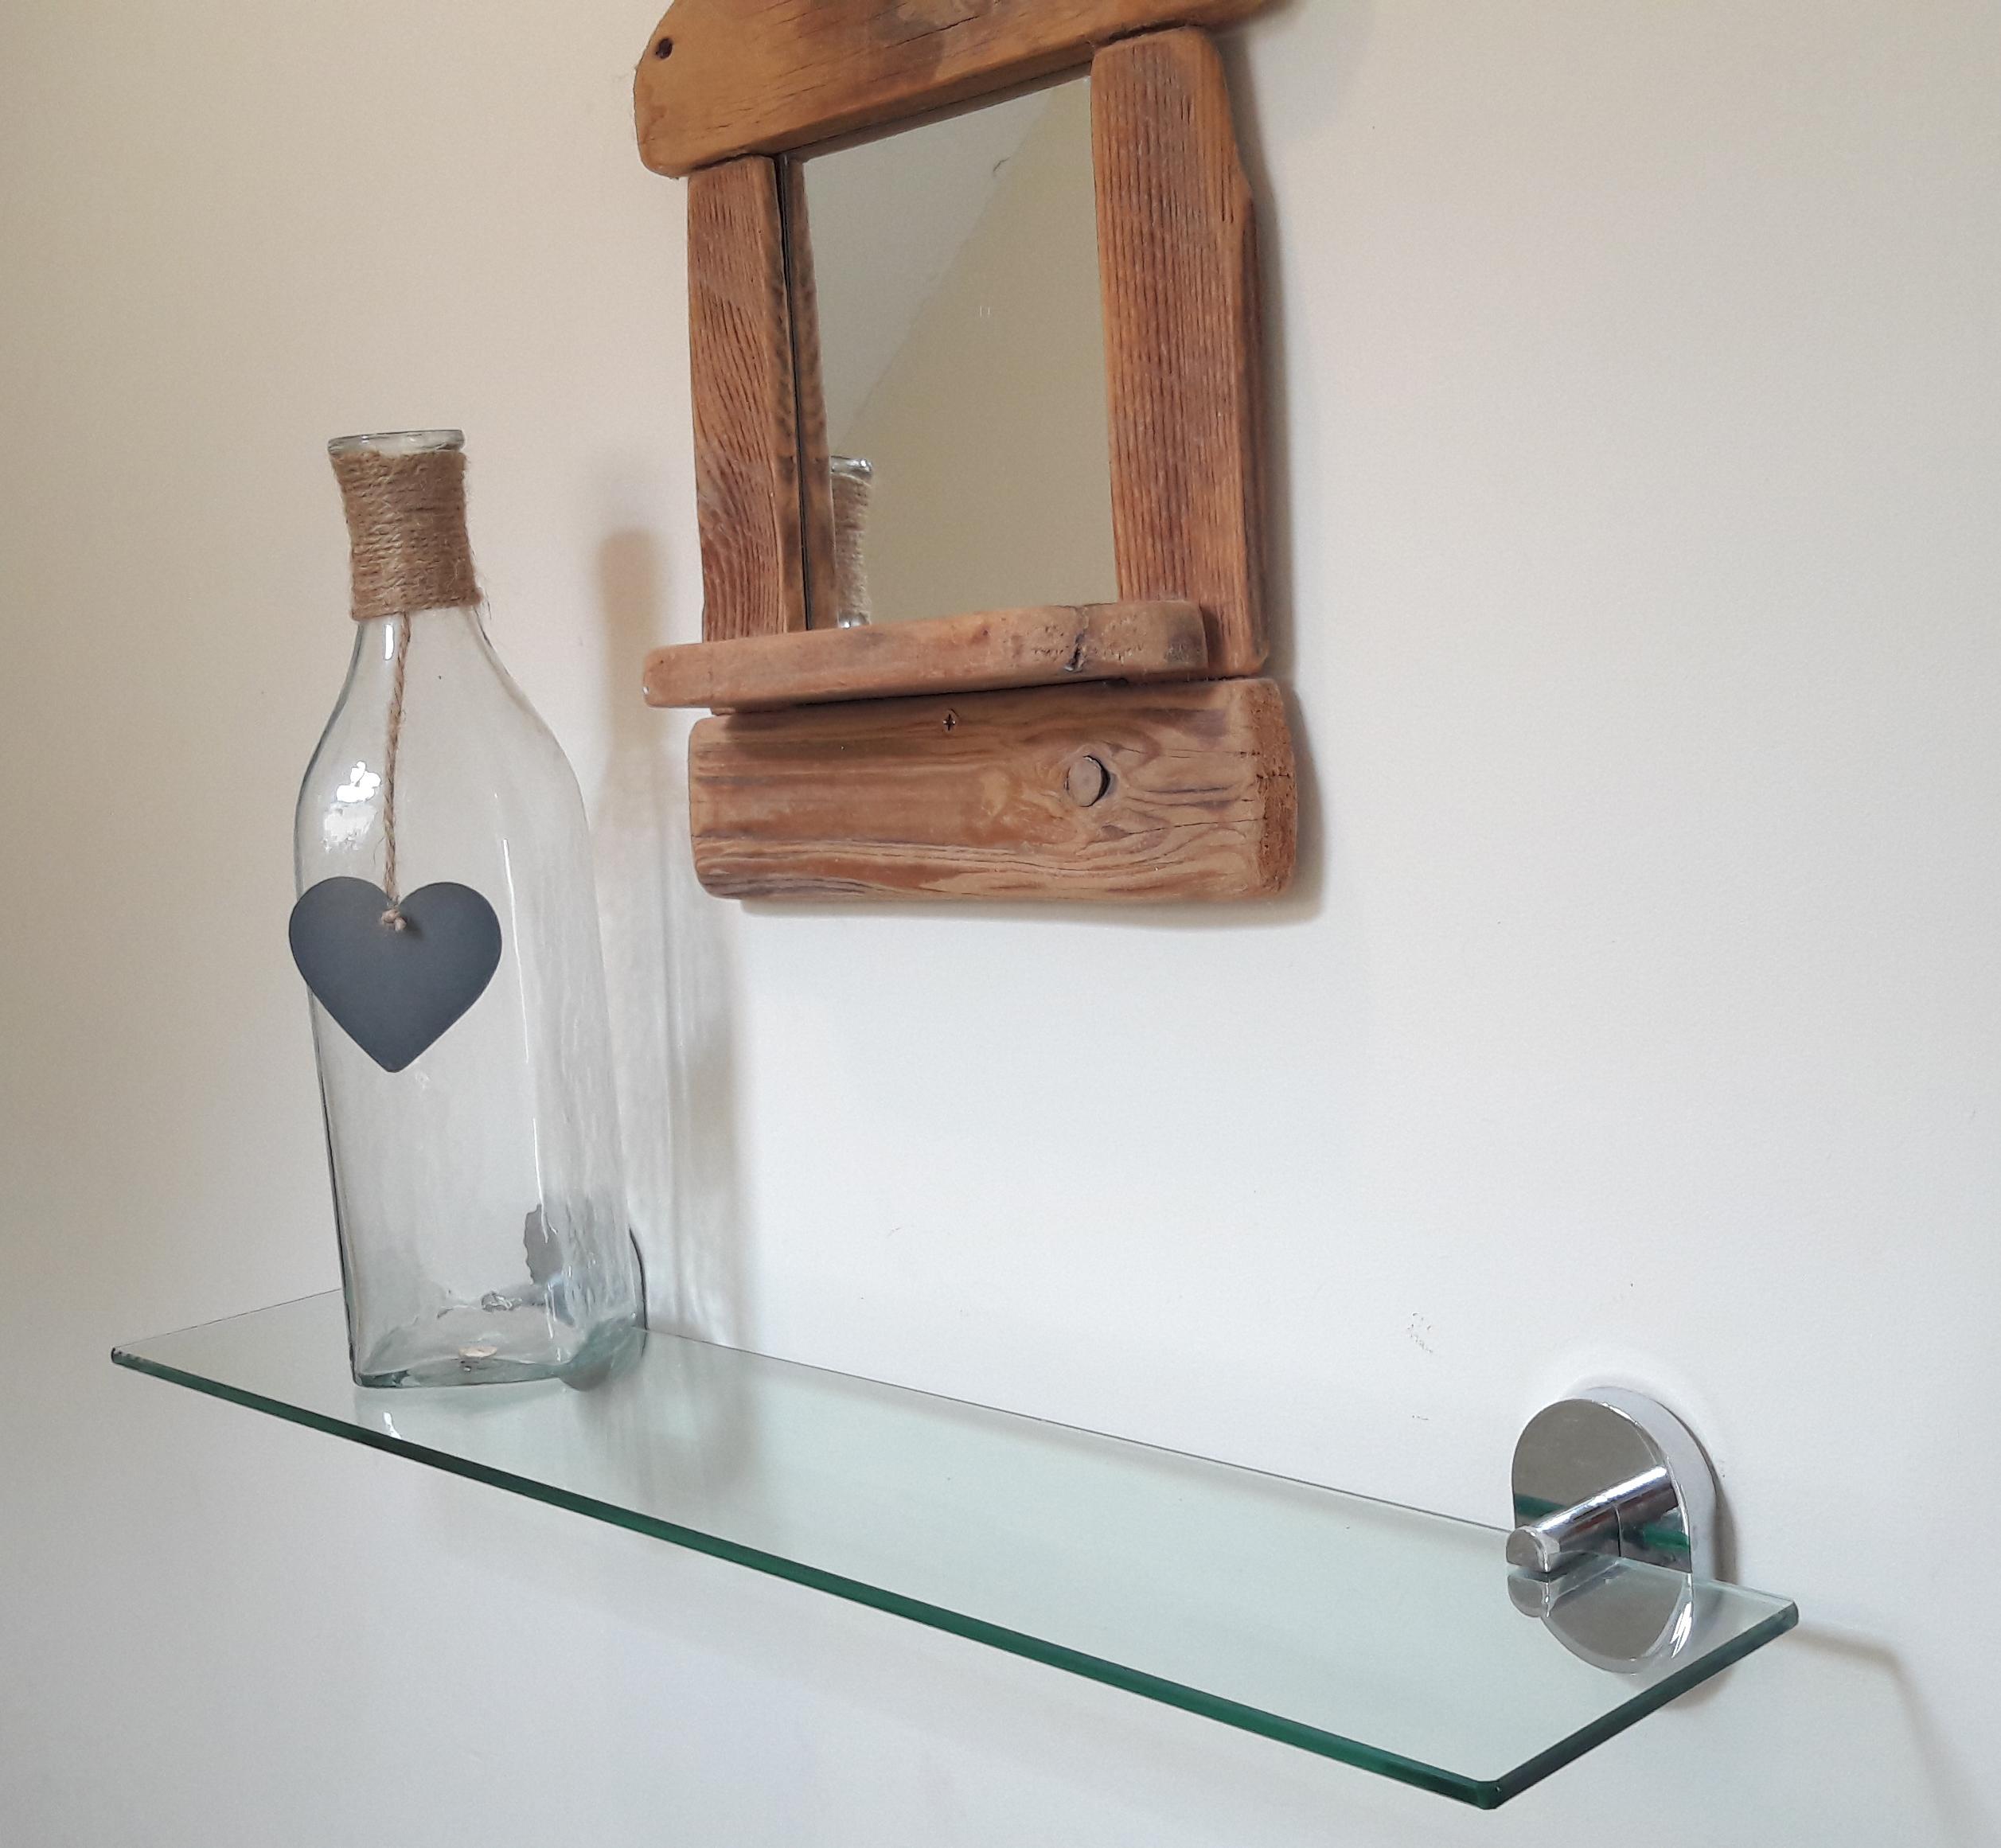 bottle on shelf